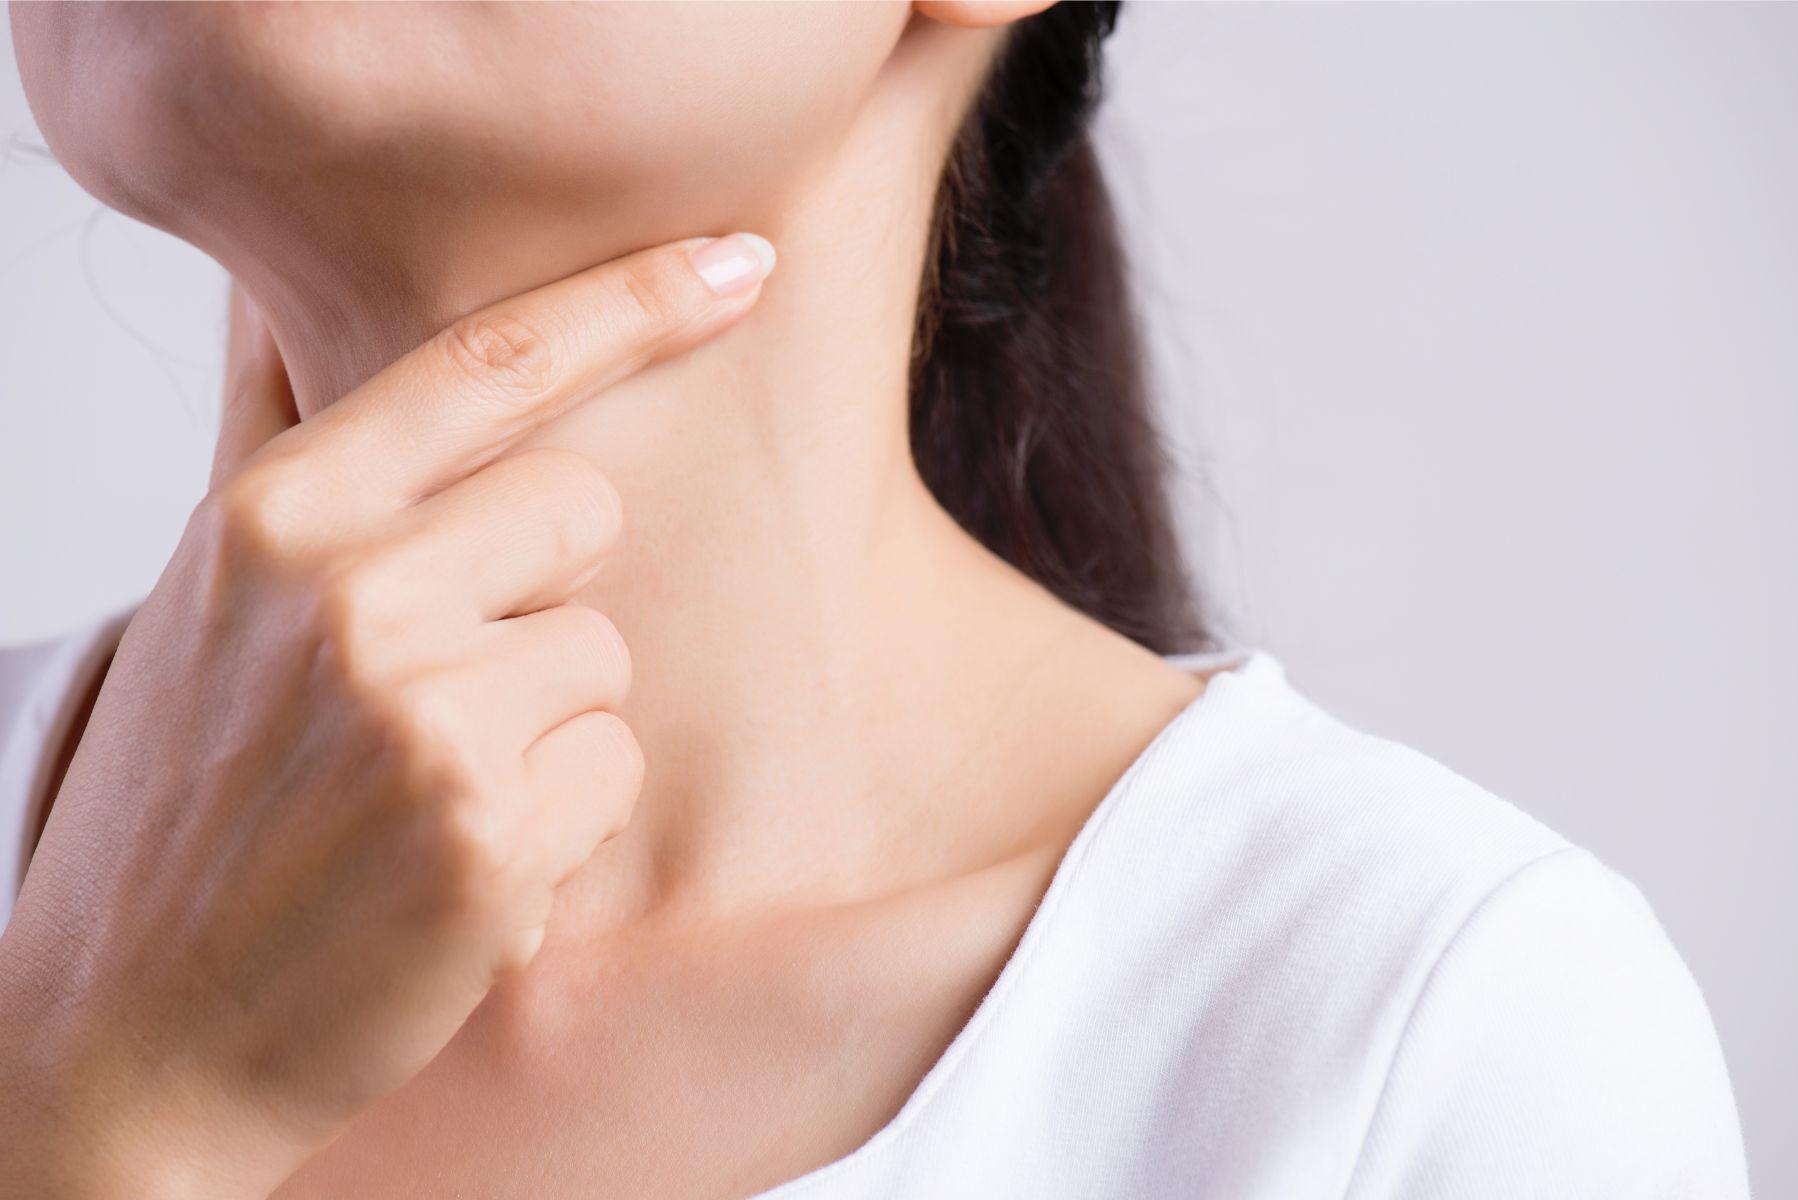 李明依、寶媽都罹此癌!研究揭甲狀腺癌5類型:出現6大症狀立即就醫檢查